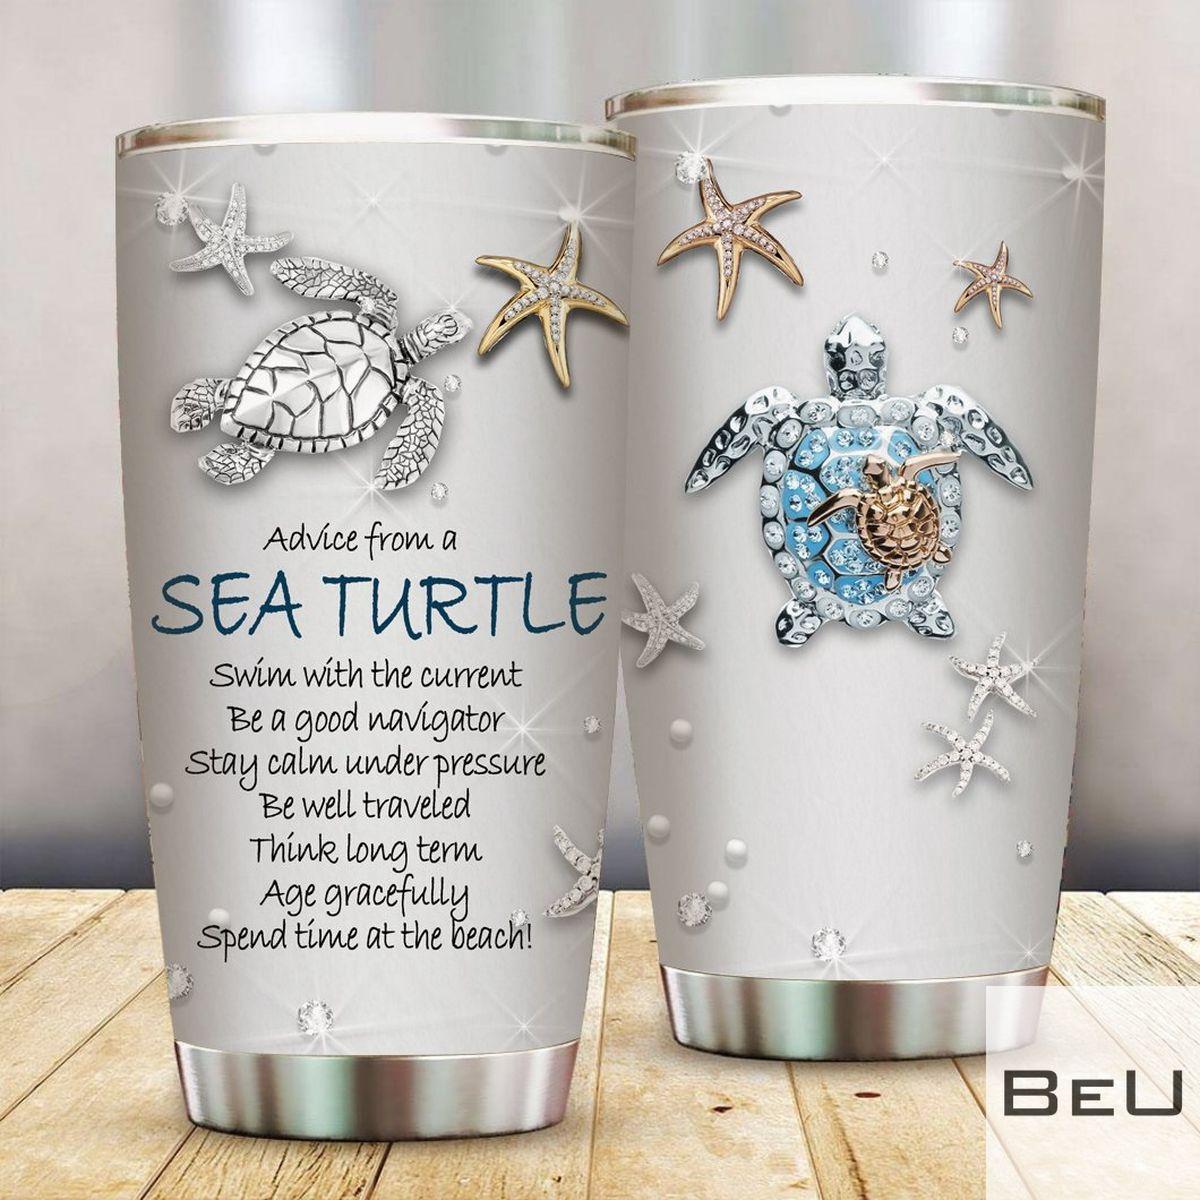 Sea Turtle TSea Turtle Treasures Stainless Steel Tumblerreasures Stainless Steel Tumbler